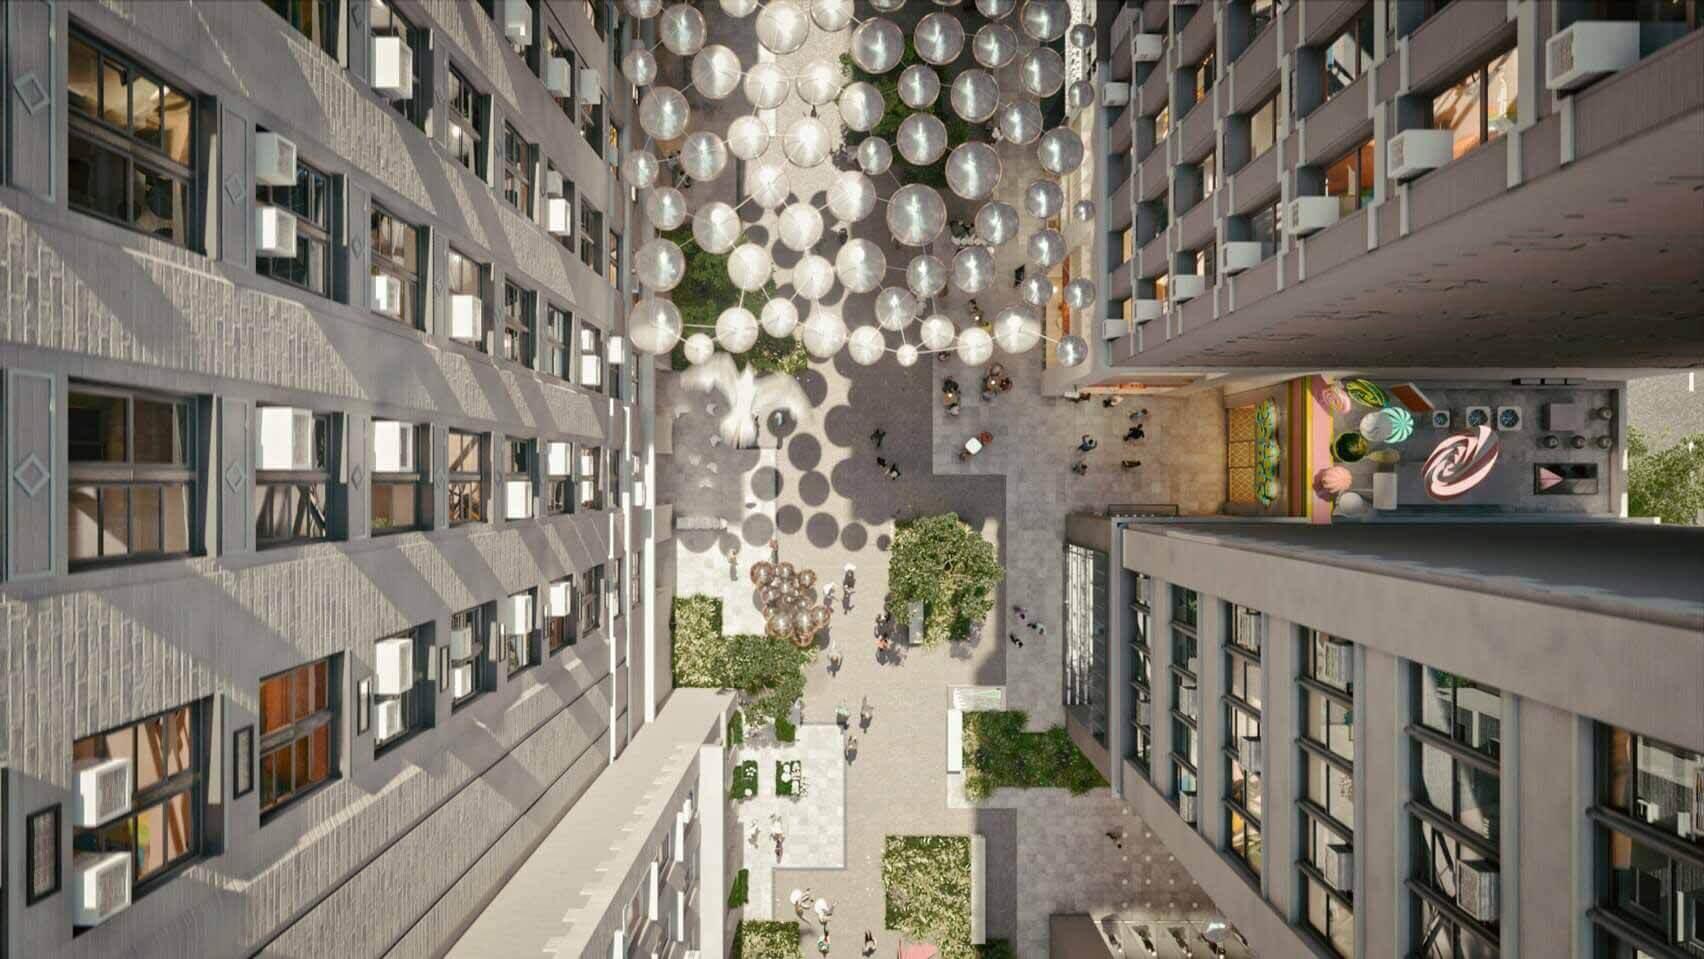 Схема изменения зонирования Нью-Йорка от ODA, чтобы заставить девелоперов строить общественные пространства